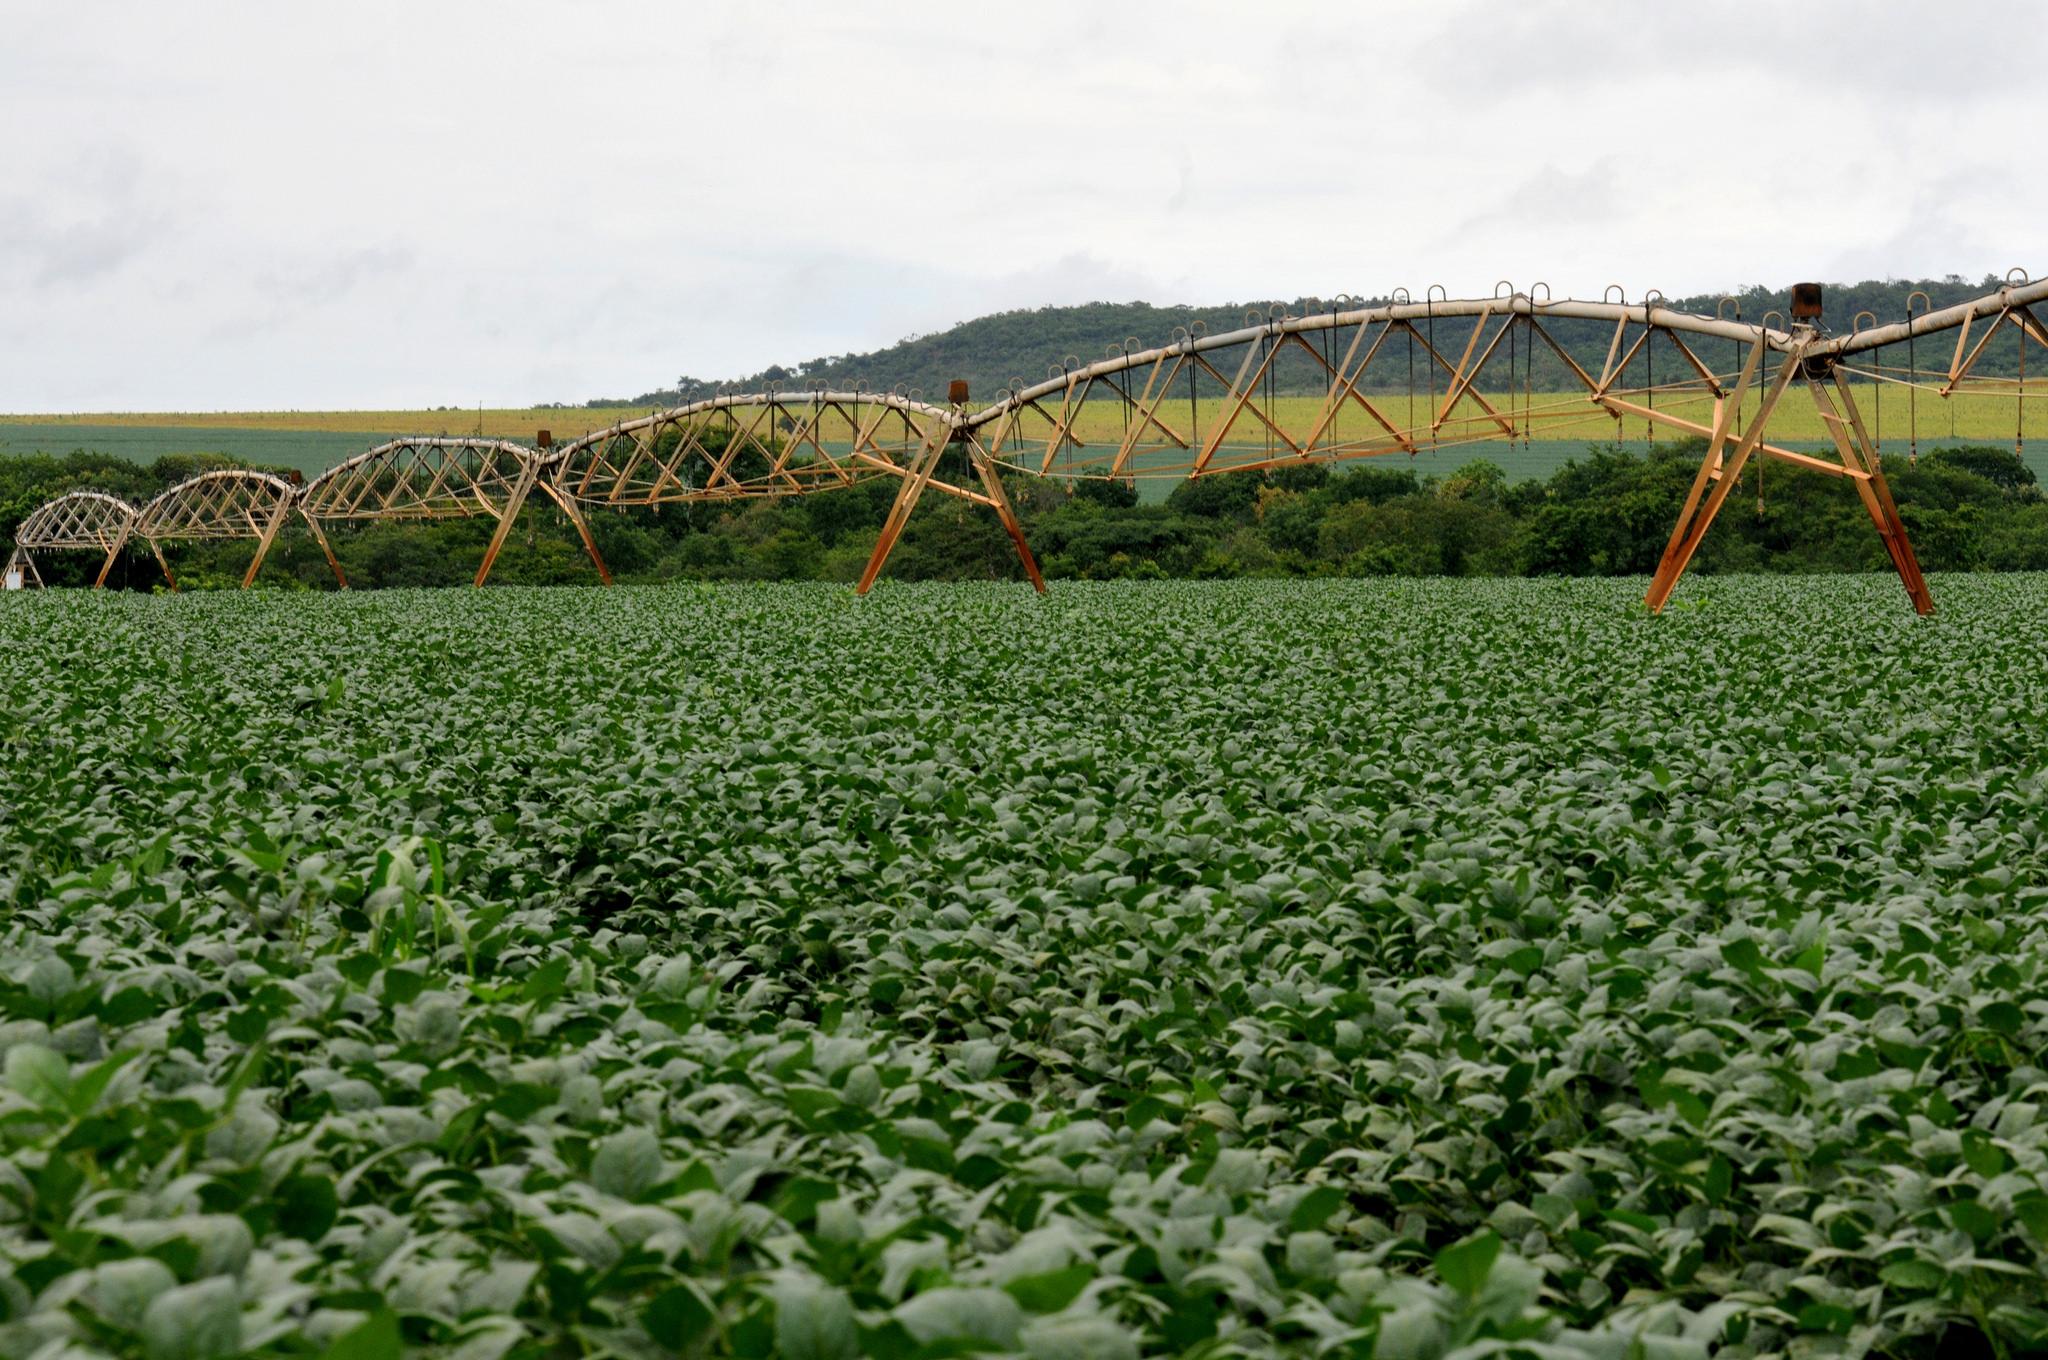 Agropecuária - plantações - irrigação água lavoura tecnologia agrícola